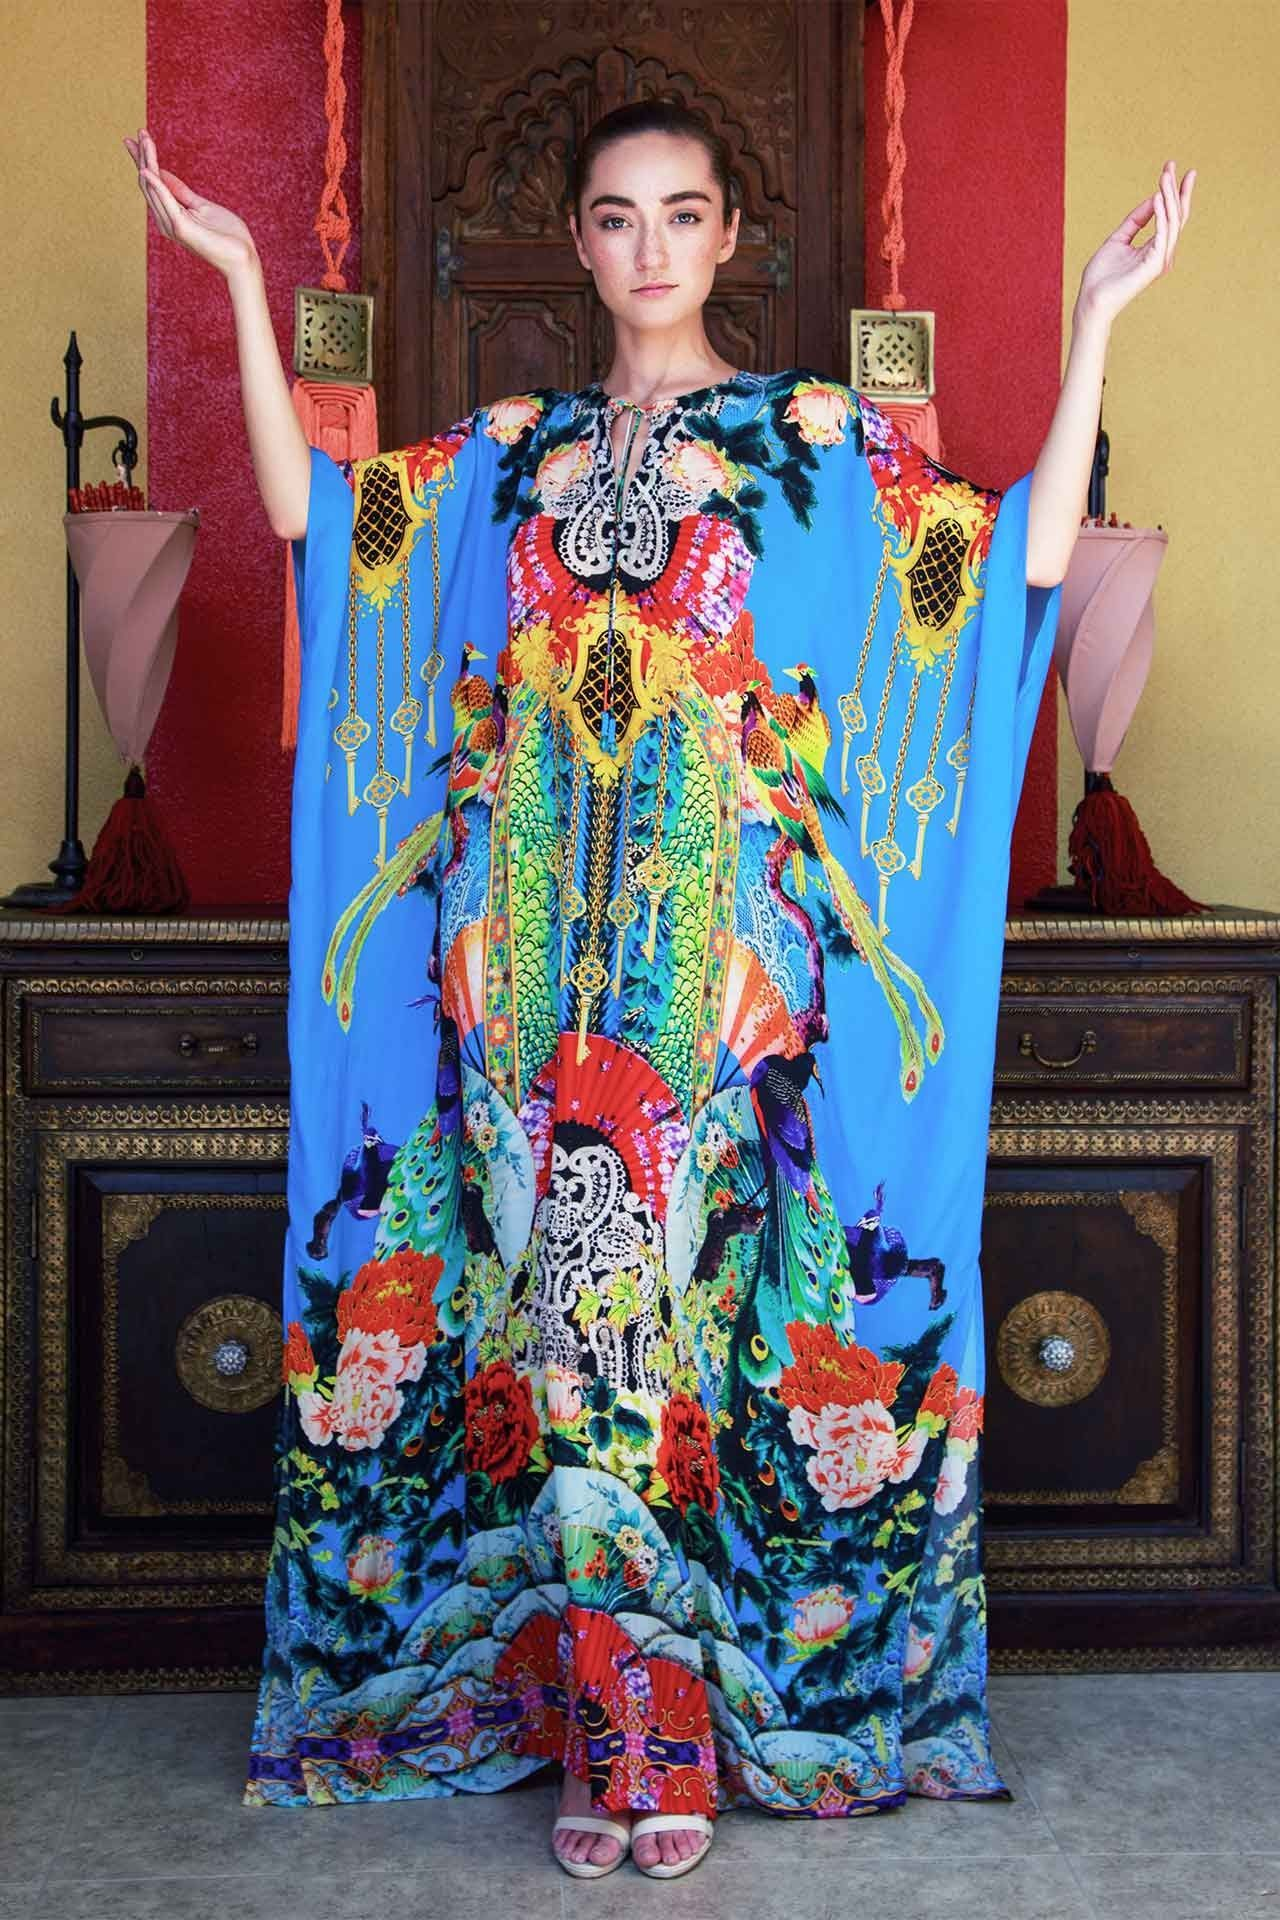 54c4c839a Blue Japanese Print Kaftan Dress - Designer Women's Clothing - Shahida  Parides®